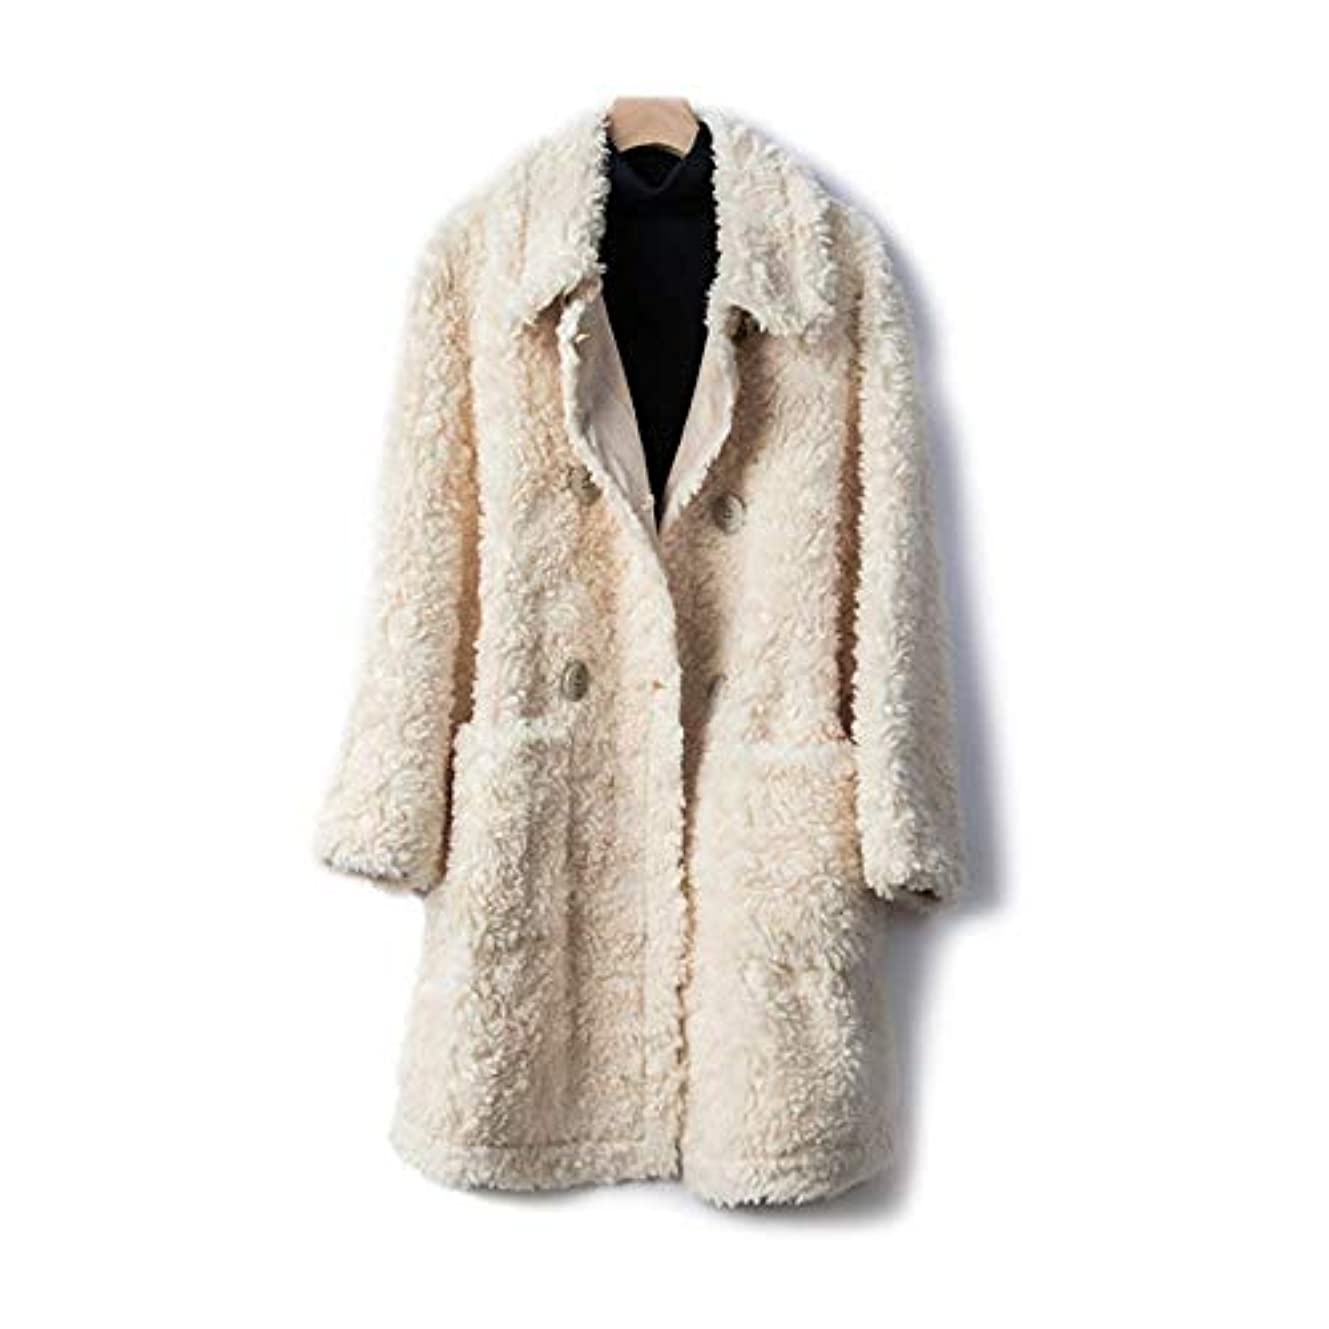 小学生場所自宅でウールコート、ダブルブレストウールコートコート19秋と冬婦人服婦人ジャケット婦人コート婦人ウインドブレーカージャケット,D,M